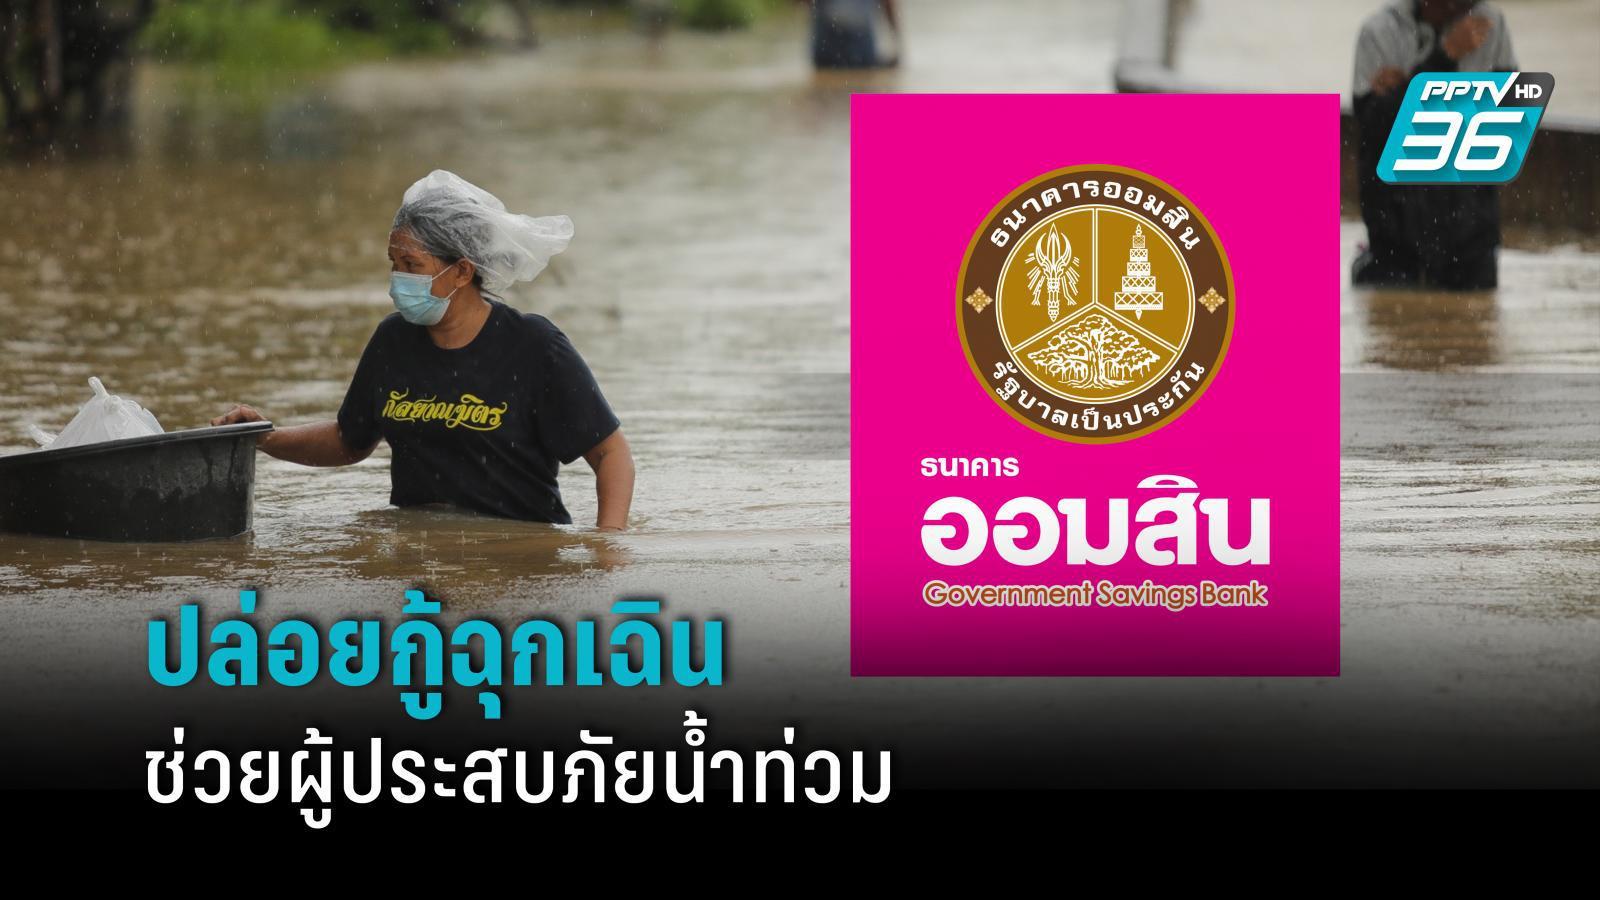 """""""ออมสิน"""" ช่วยผู้ประสบภัยน้ำท่วม ปล่อยกู้ฉุกเฉินปลอดชำระ 3 เดือน - ซ่อมบ้านวงเงิน 1 ล้าน"""